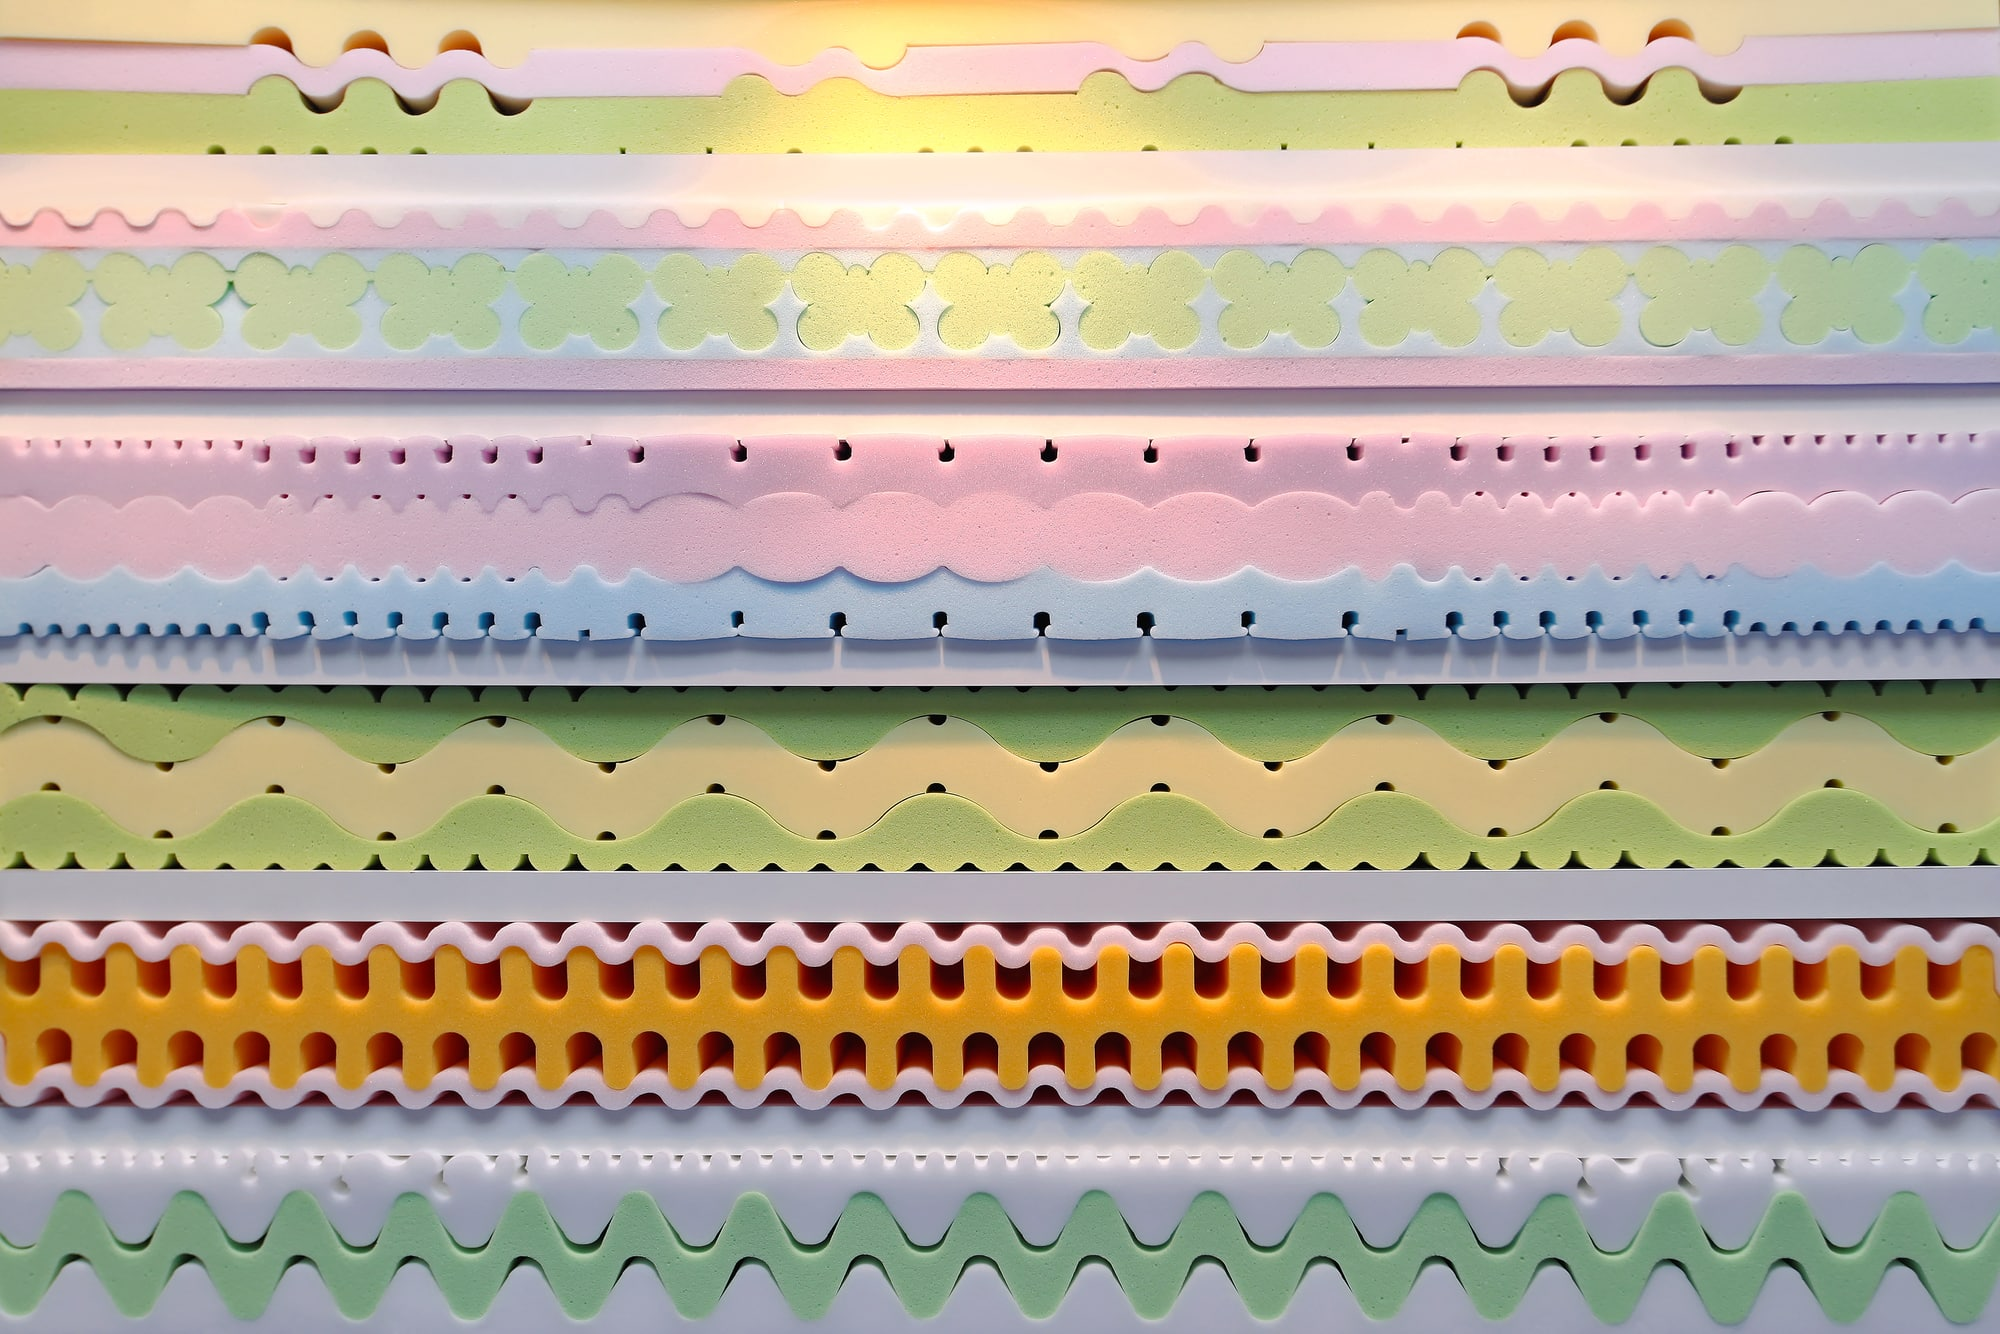 Memory foam mattress layers